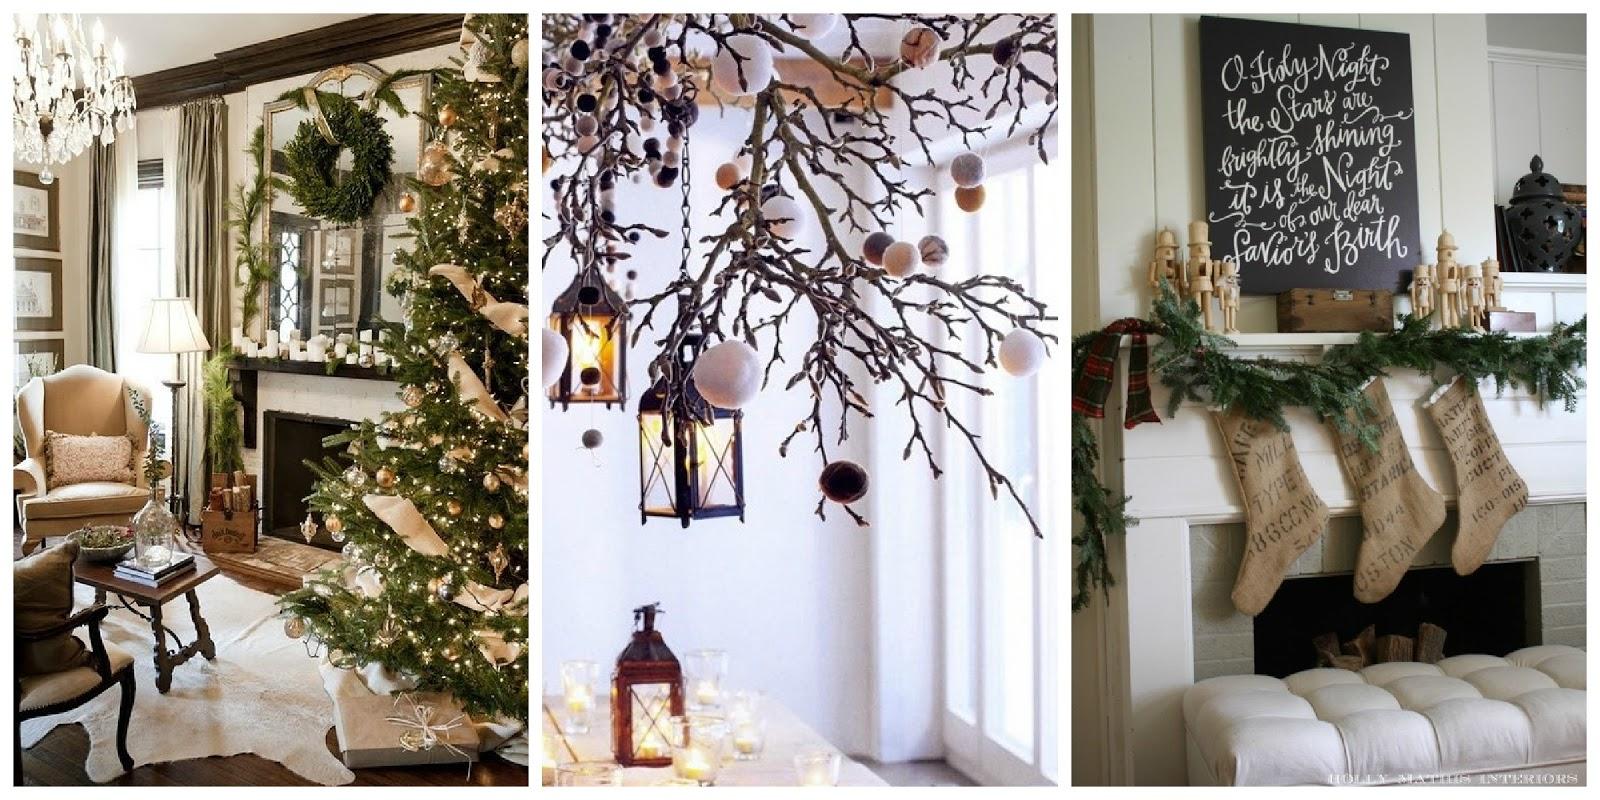 Decorazioni Natalizie Sul Camino.Il Giardino Di Fasti Floreali Immagini Del Natale La